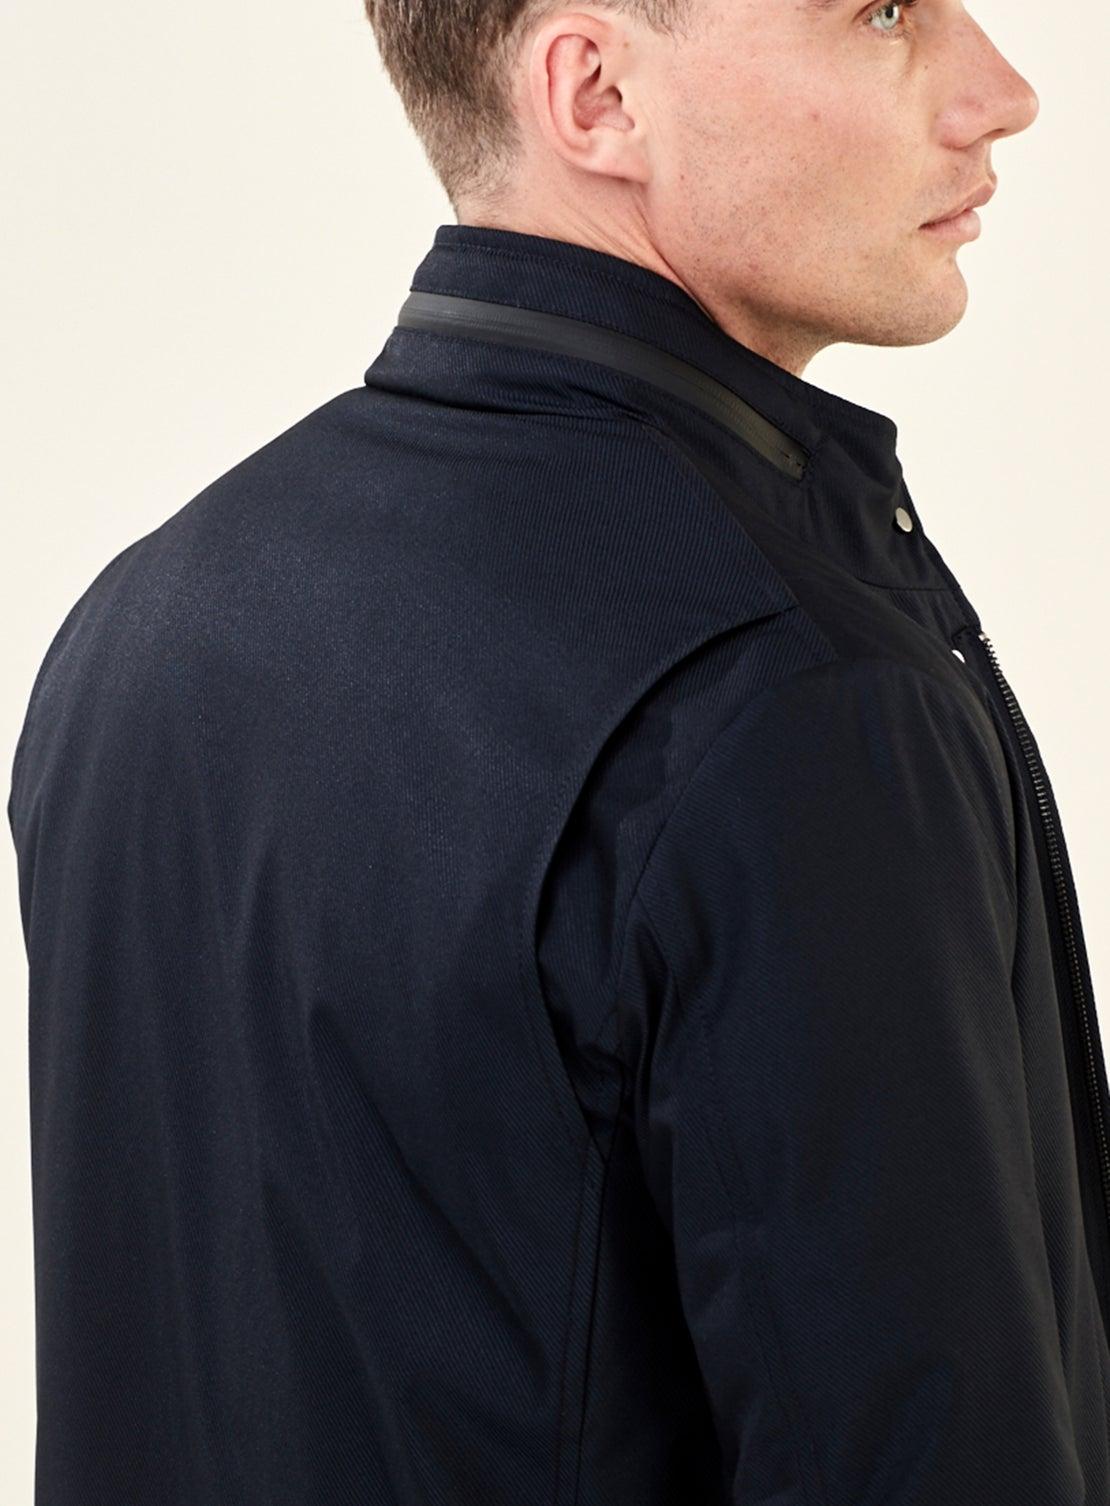 Navy Technical Jacket